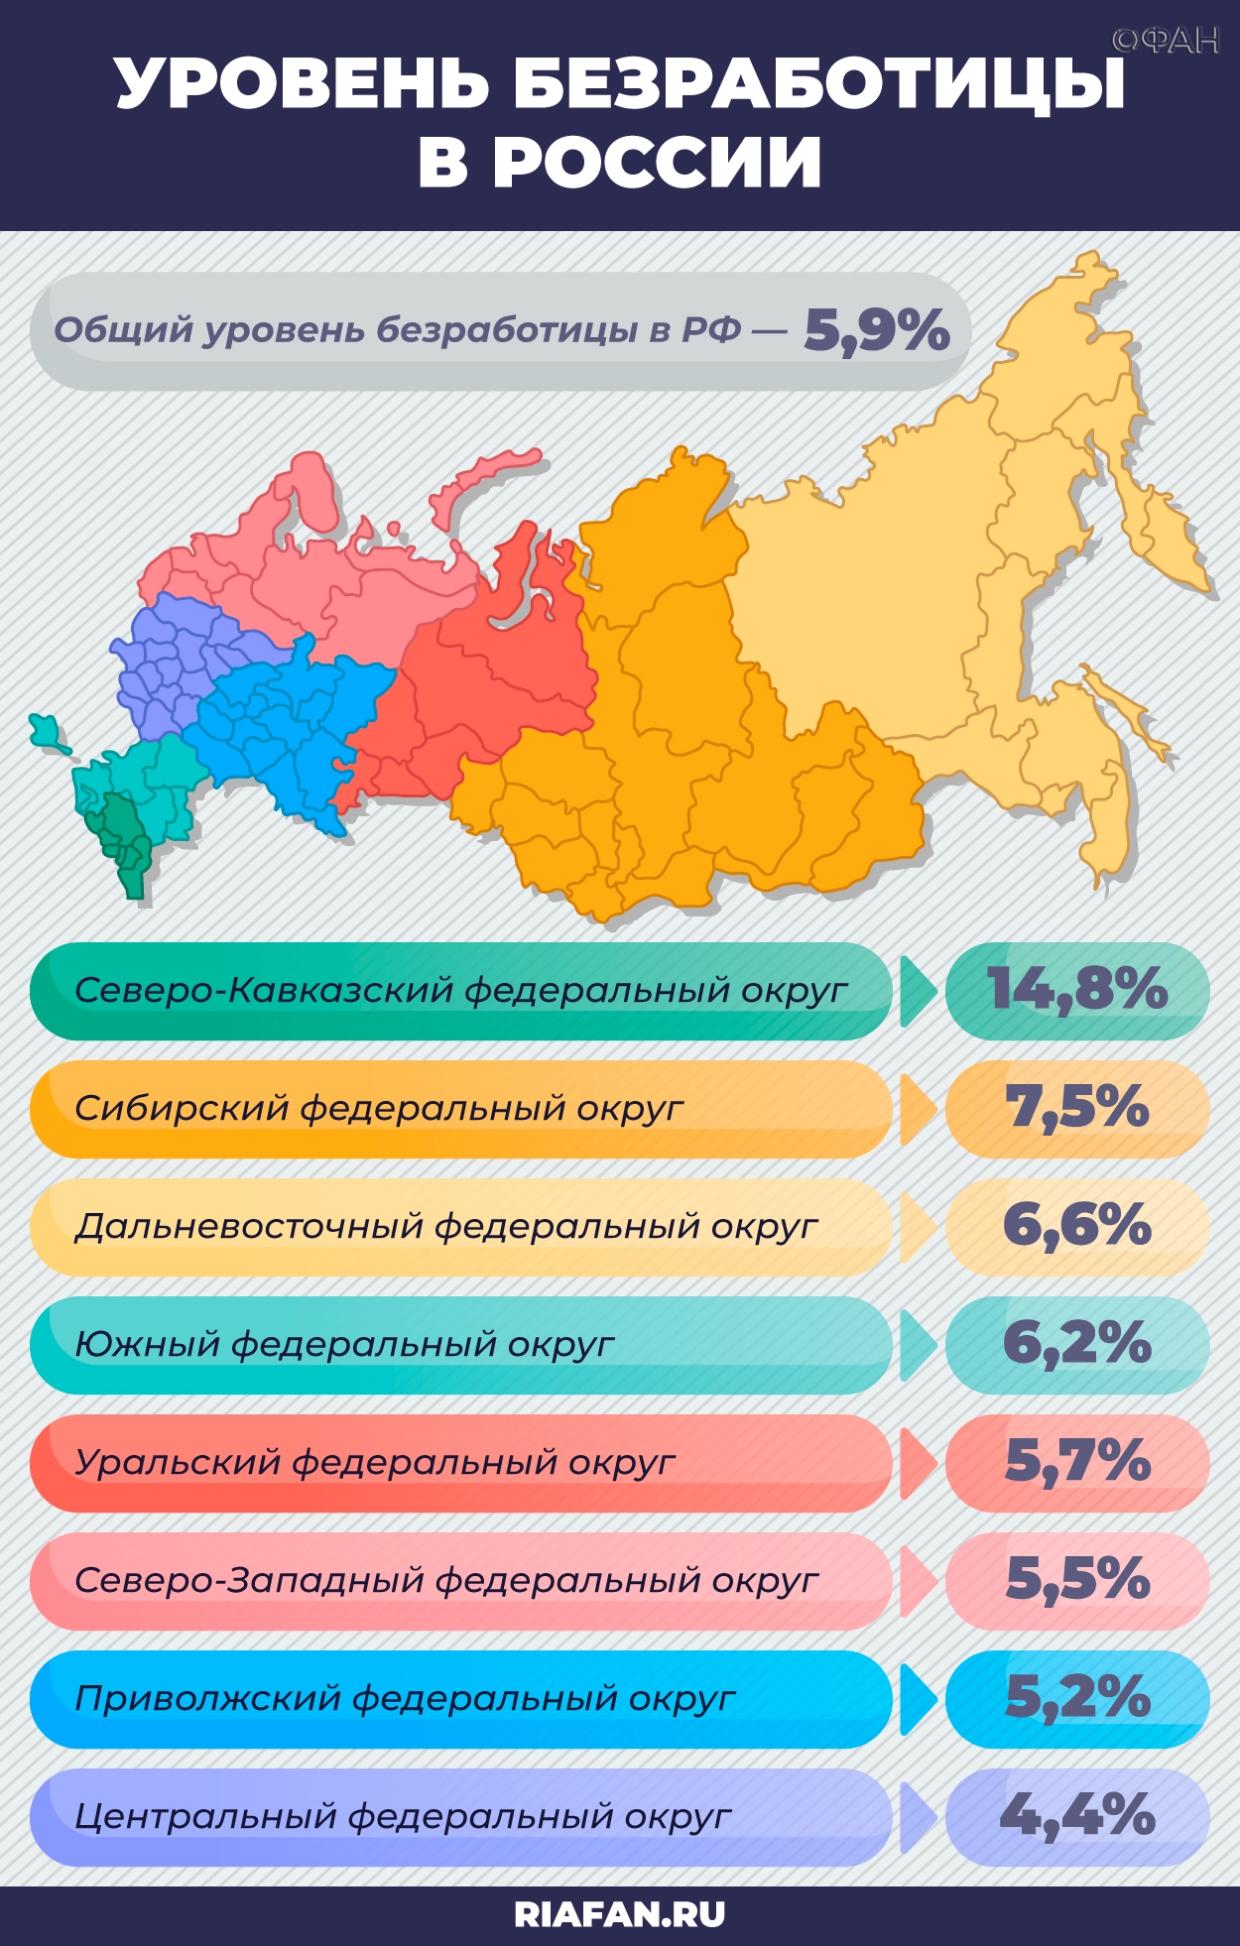 Экономист рассказал, когда уровень безработицы в России снизится